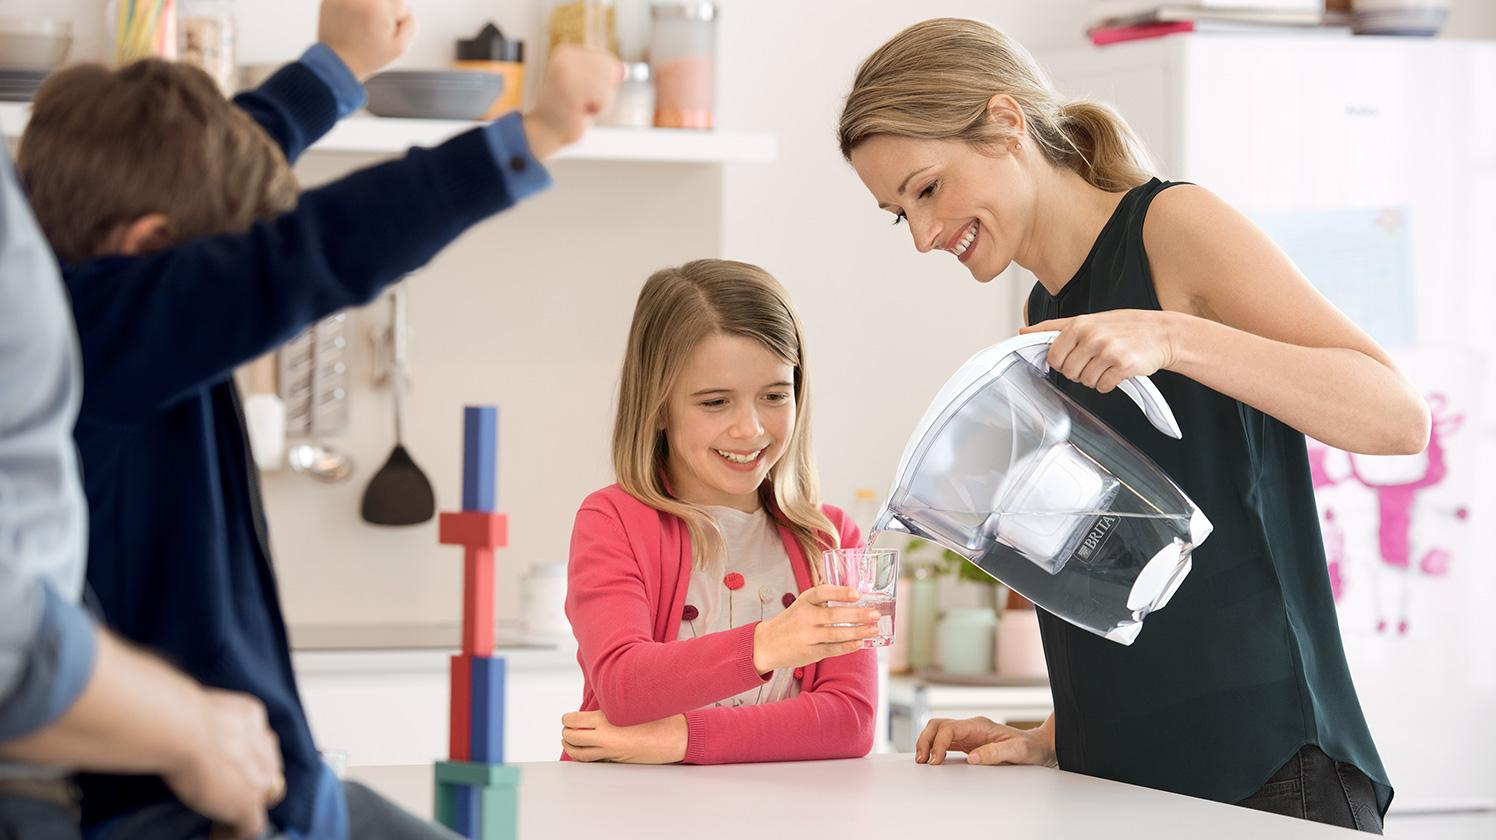 BRITA fabbisogno idrico personale famiglia cucina